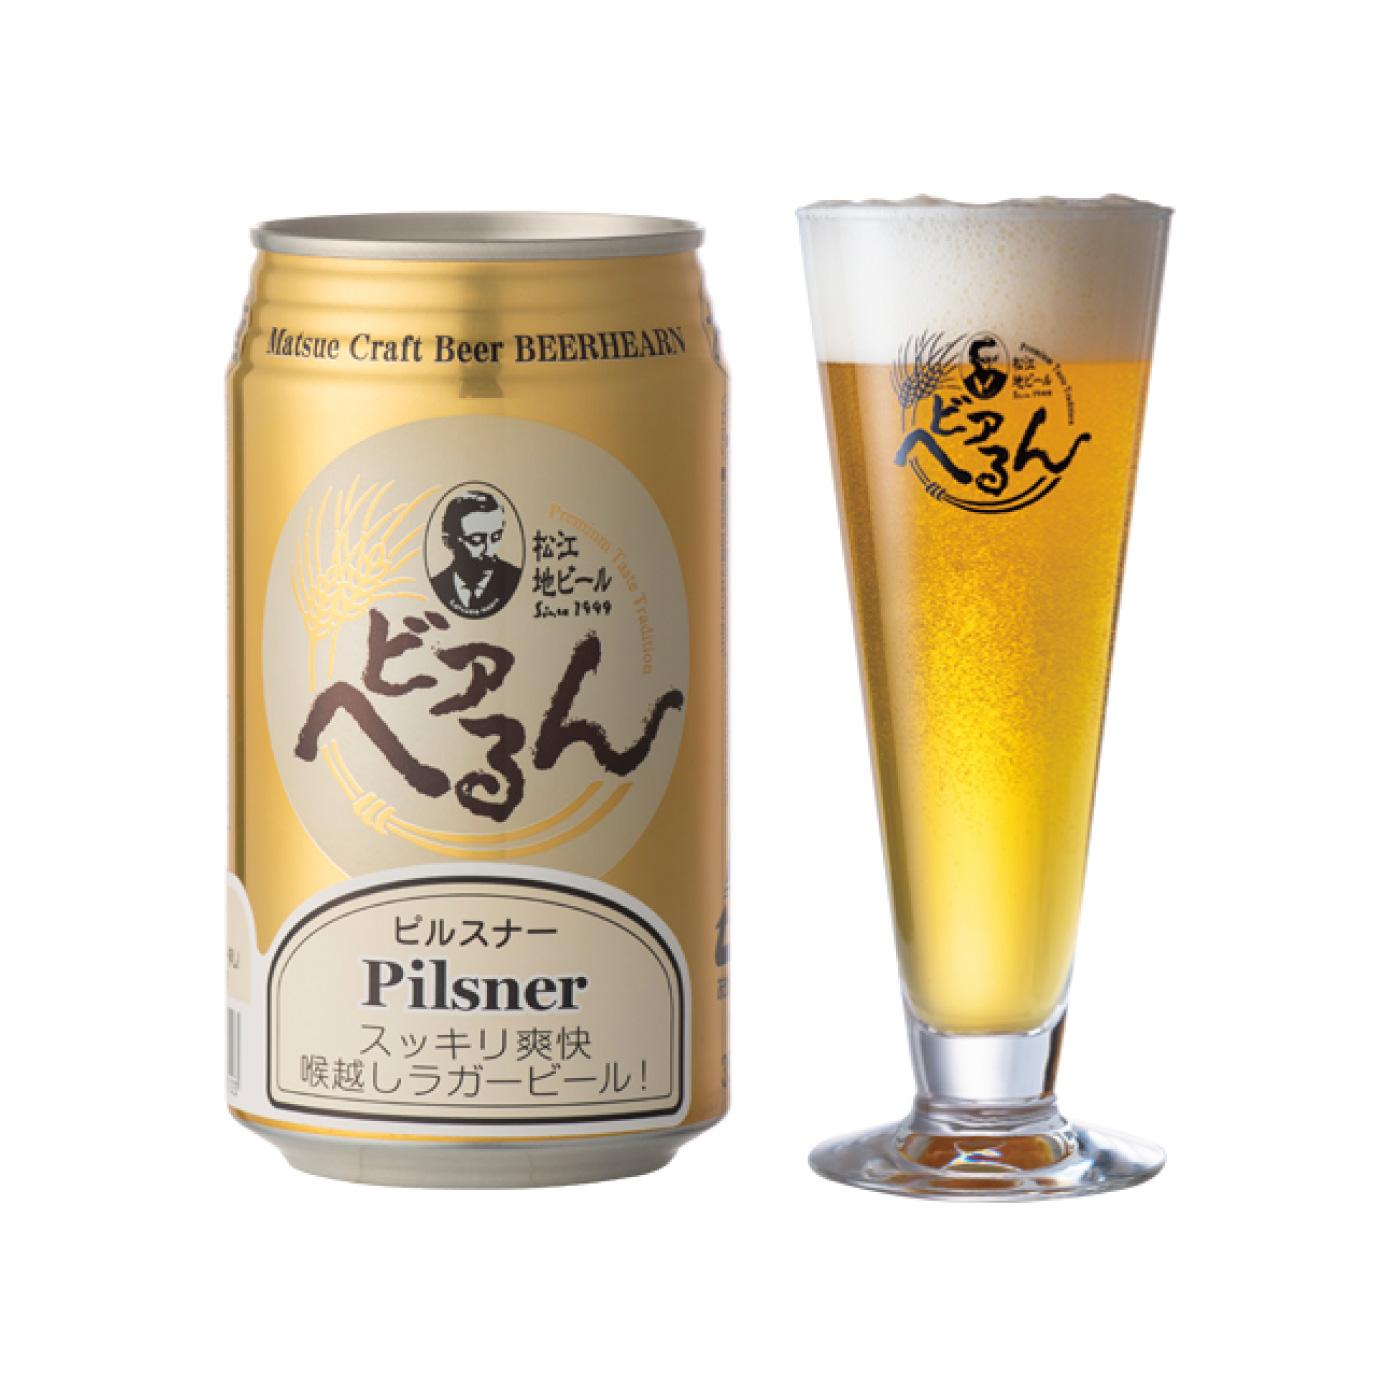 松江ビアへるん ピルスナー